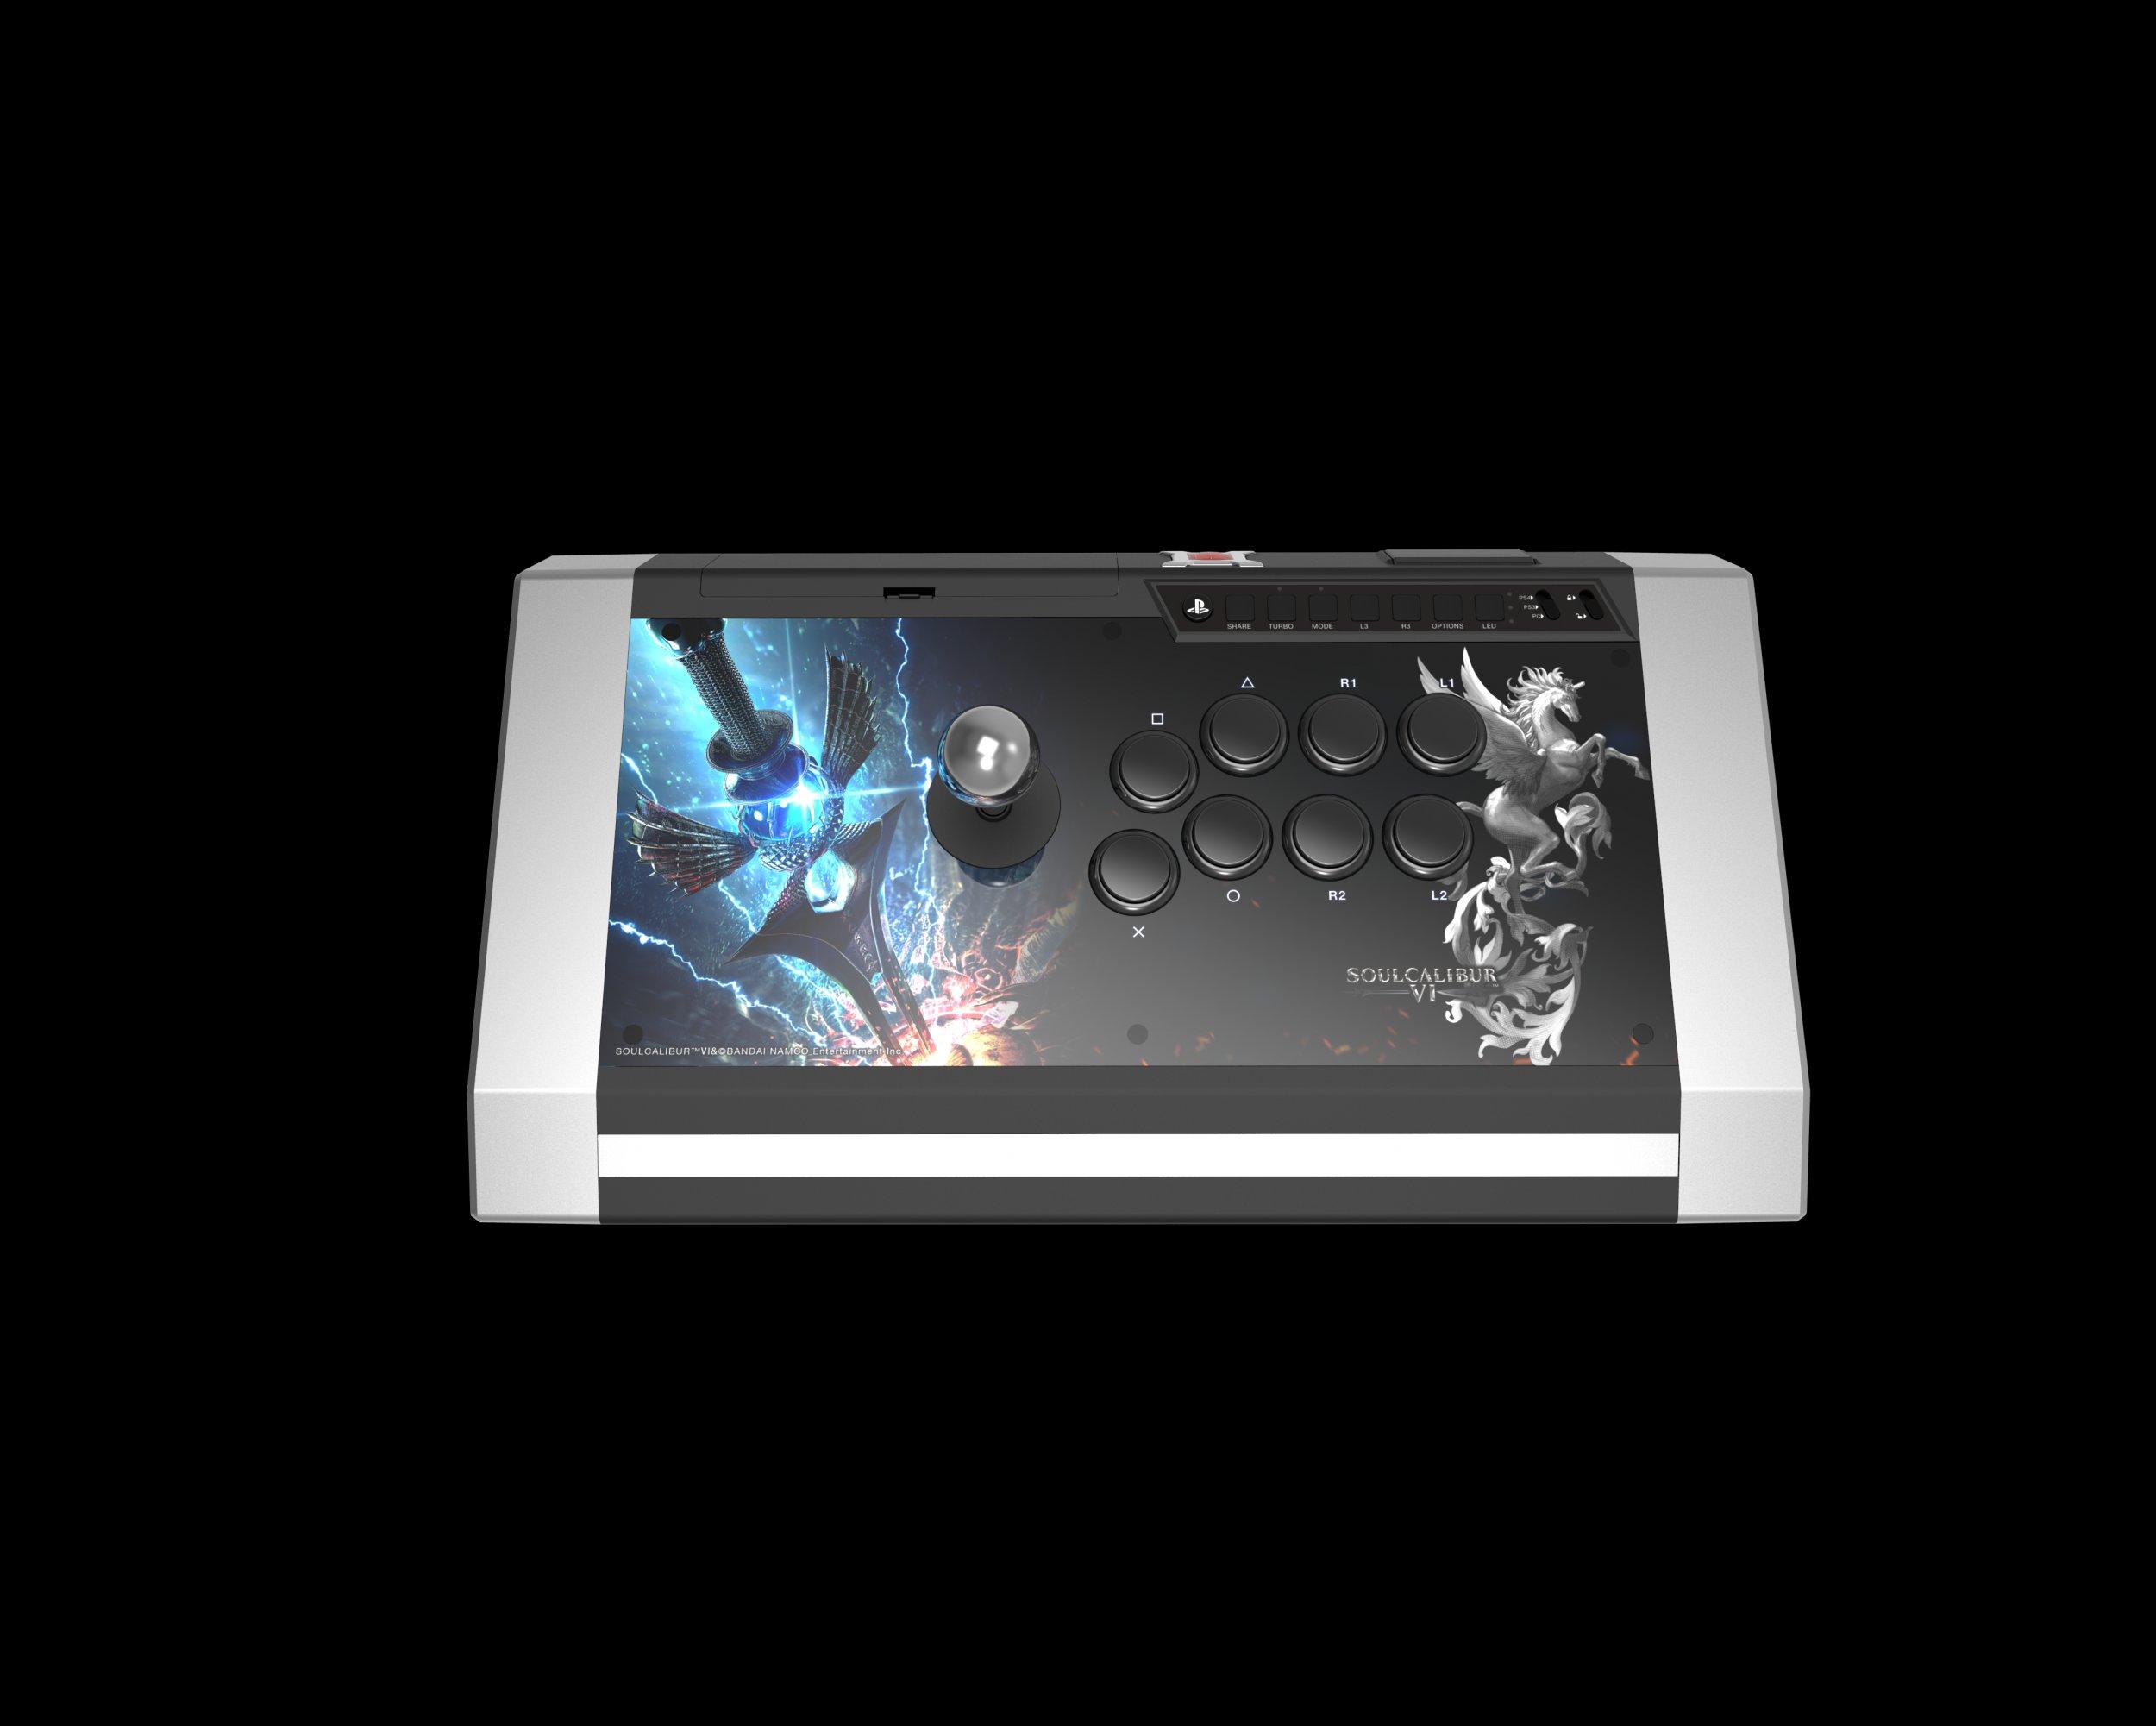 靈魂能力6(Soul Calibur 6)/刀魂6 Q3黑曜石 限定版搖桿 2018年10月18日與游戲同期發售